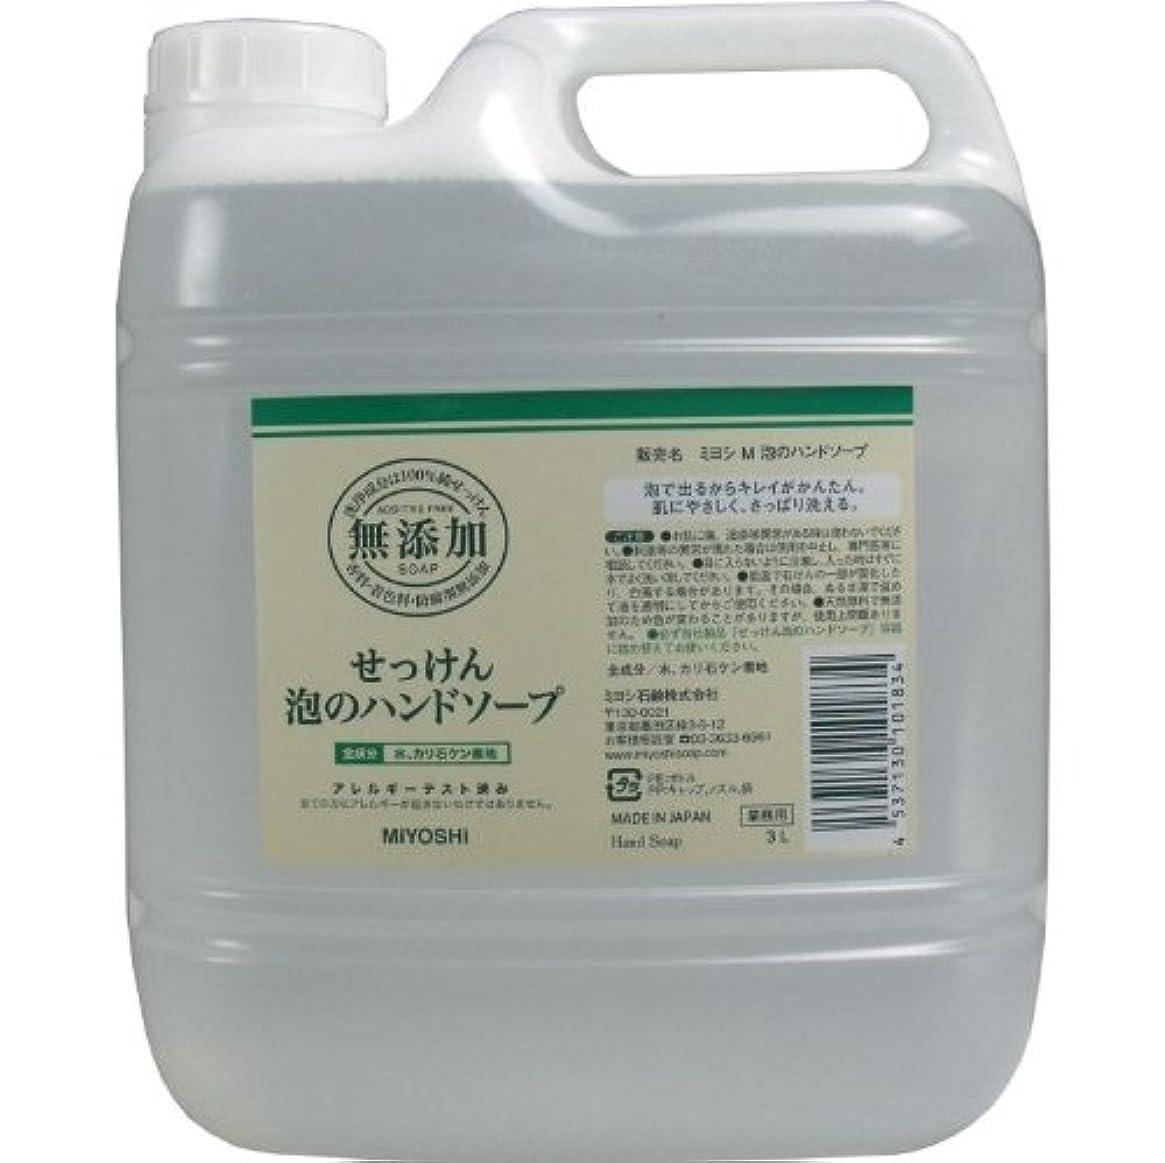 影のある臭いシーボード泡で出るからキレイが簡単!家事の間のサッと洗いも簡単!香料、着色料、防腐剤無添加!(業務用)3L【4個セット】